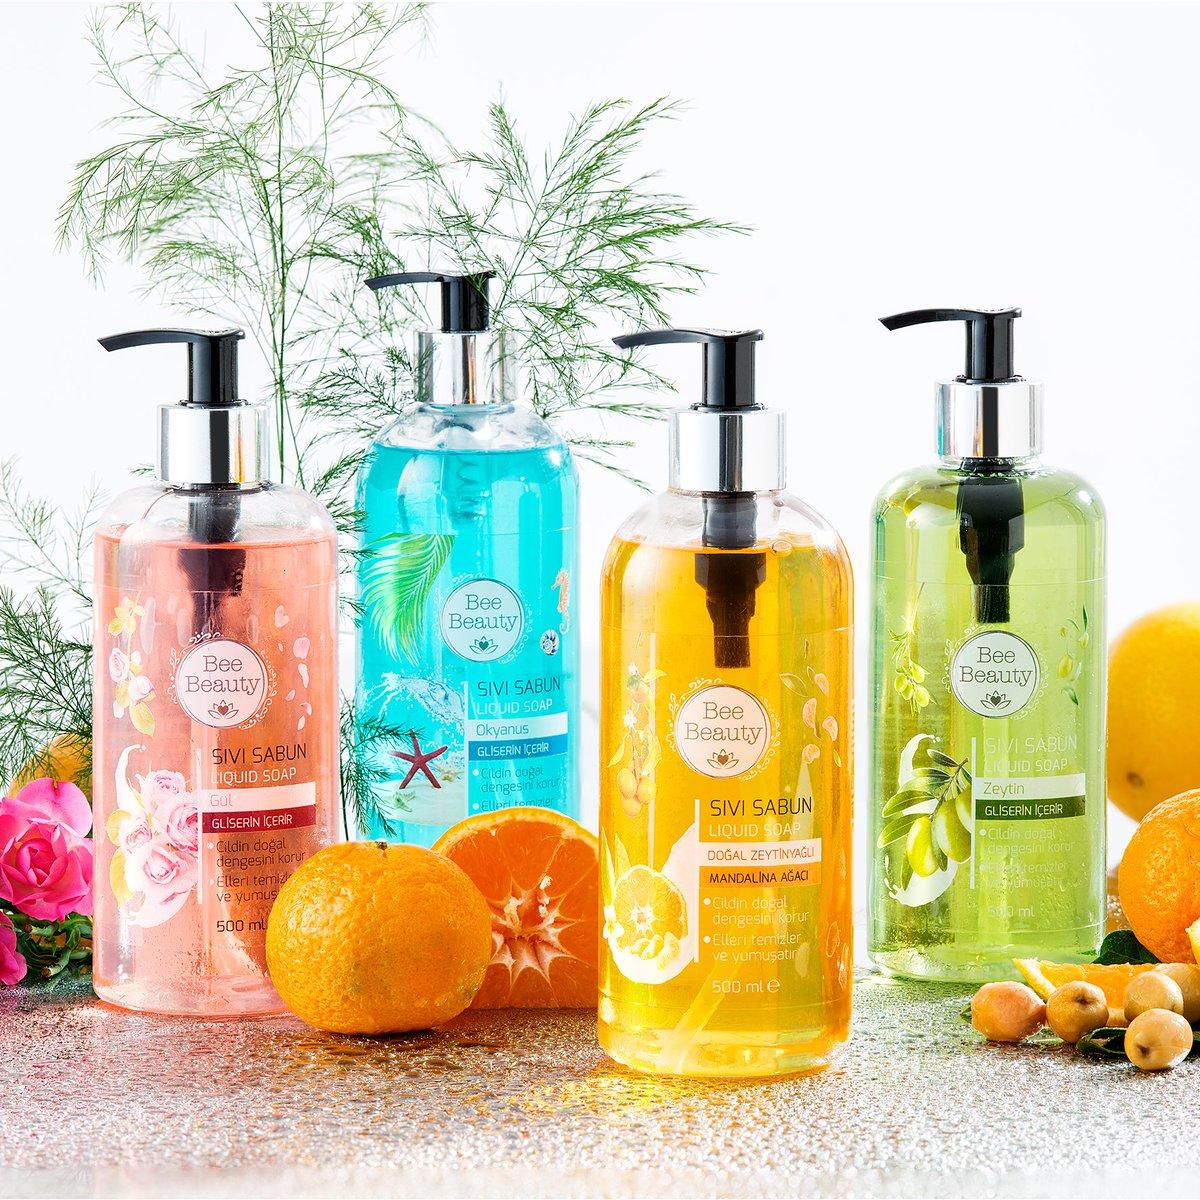 Bee Beauty sıvı sabunların harika kokuları ile günlük rutin bakımınızı keyifli bir deneyime dönüştürün! Bee Beauty Sıvı Sabun Çeşitleri 10 TL'ye sizin için sadece mağazalarımızda ve http://gratis.com'da!